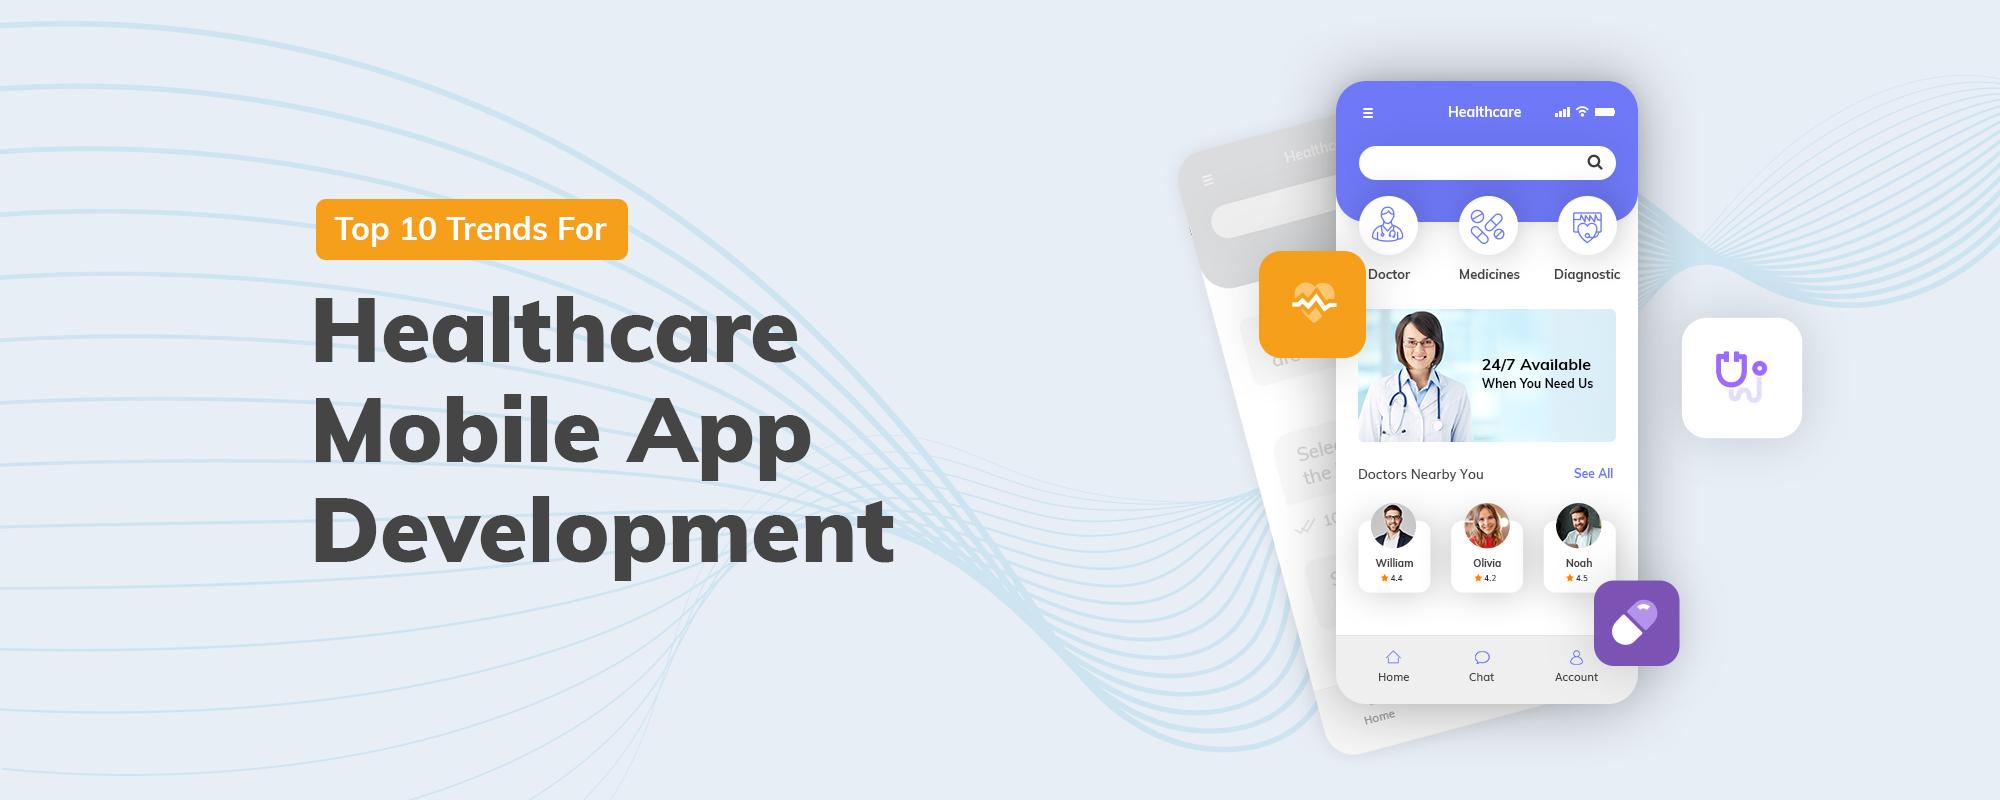 Top 10 Healthcare Mobile App Development Trends in 2020